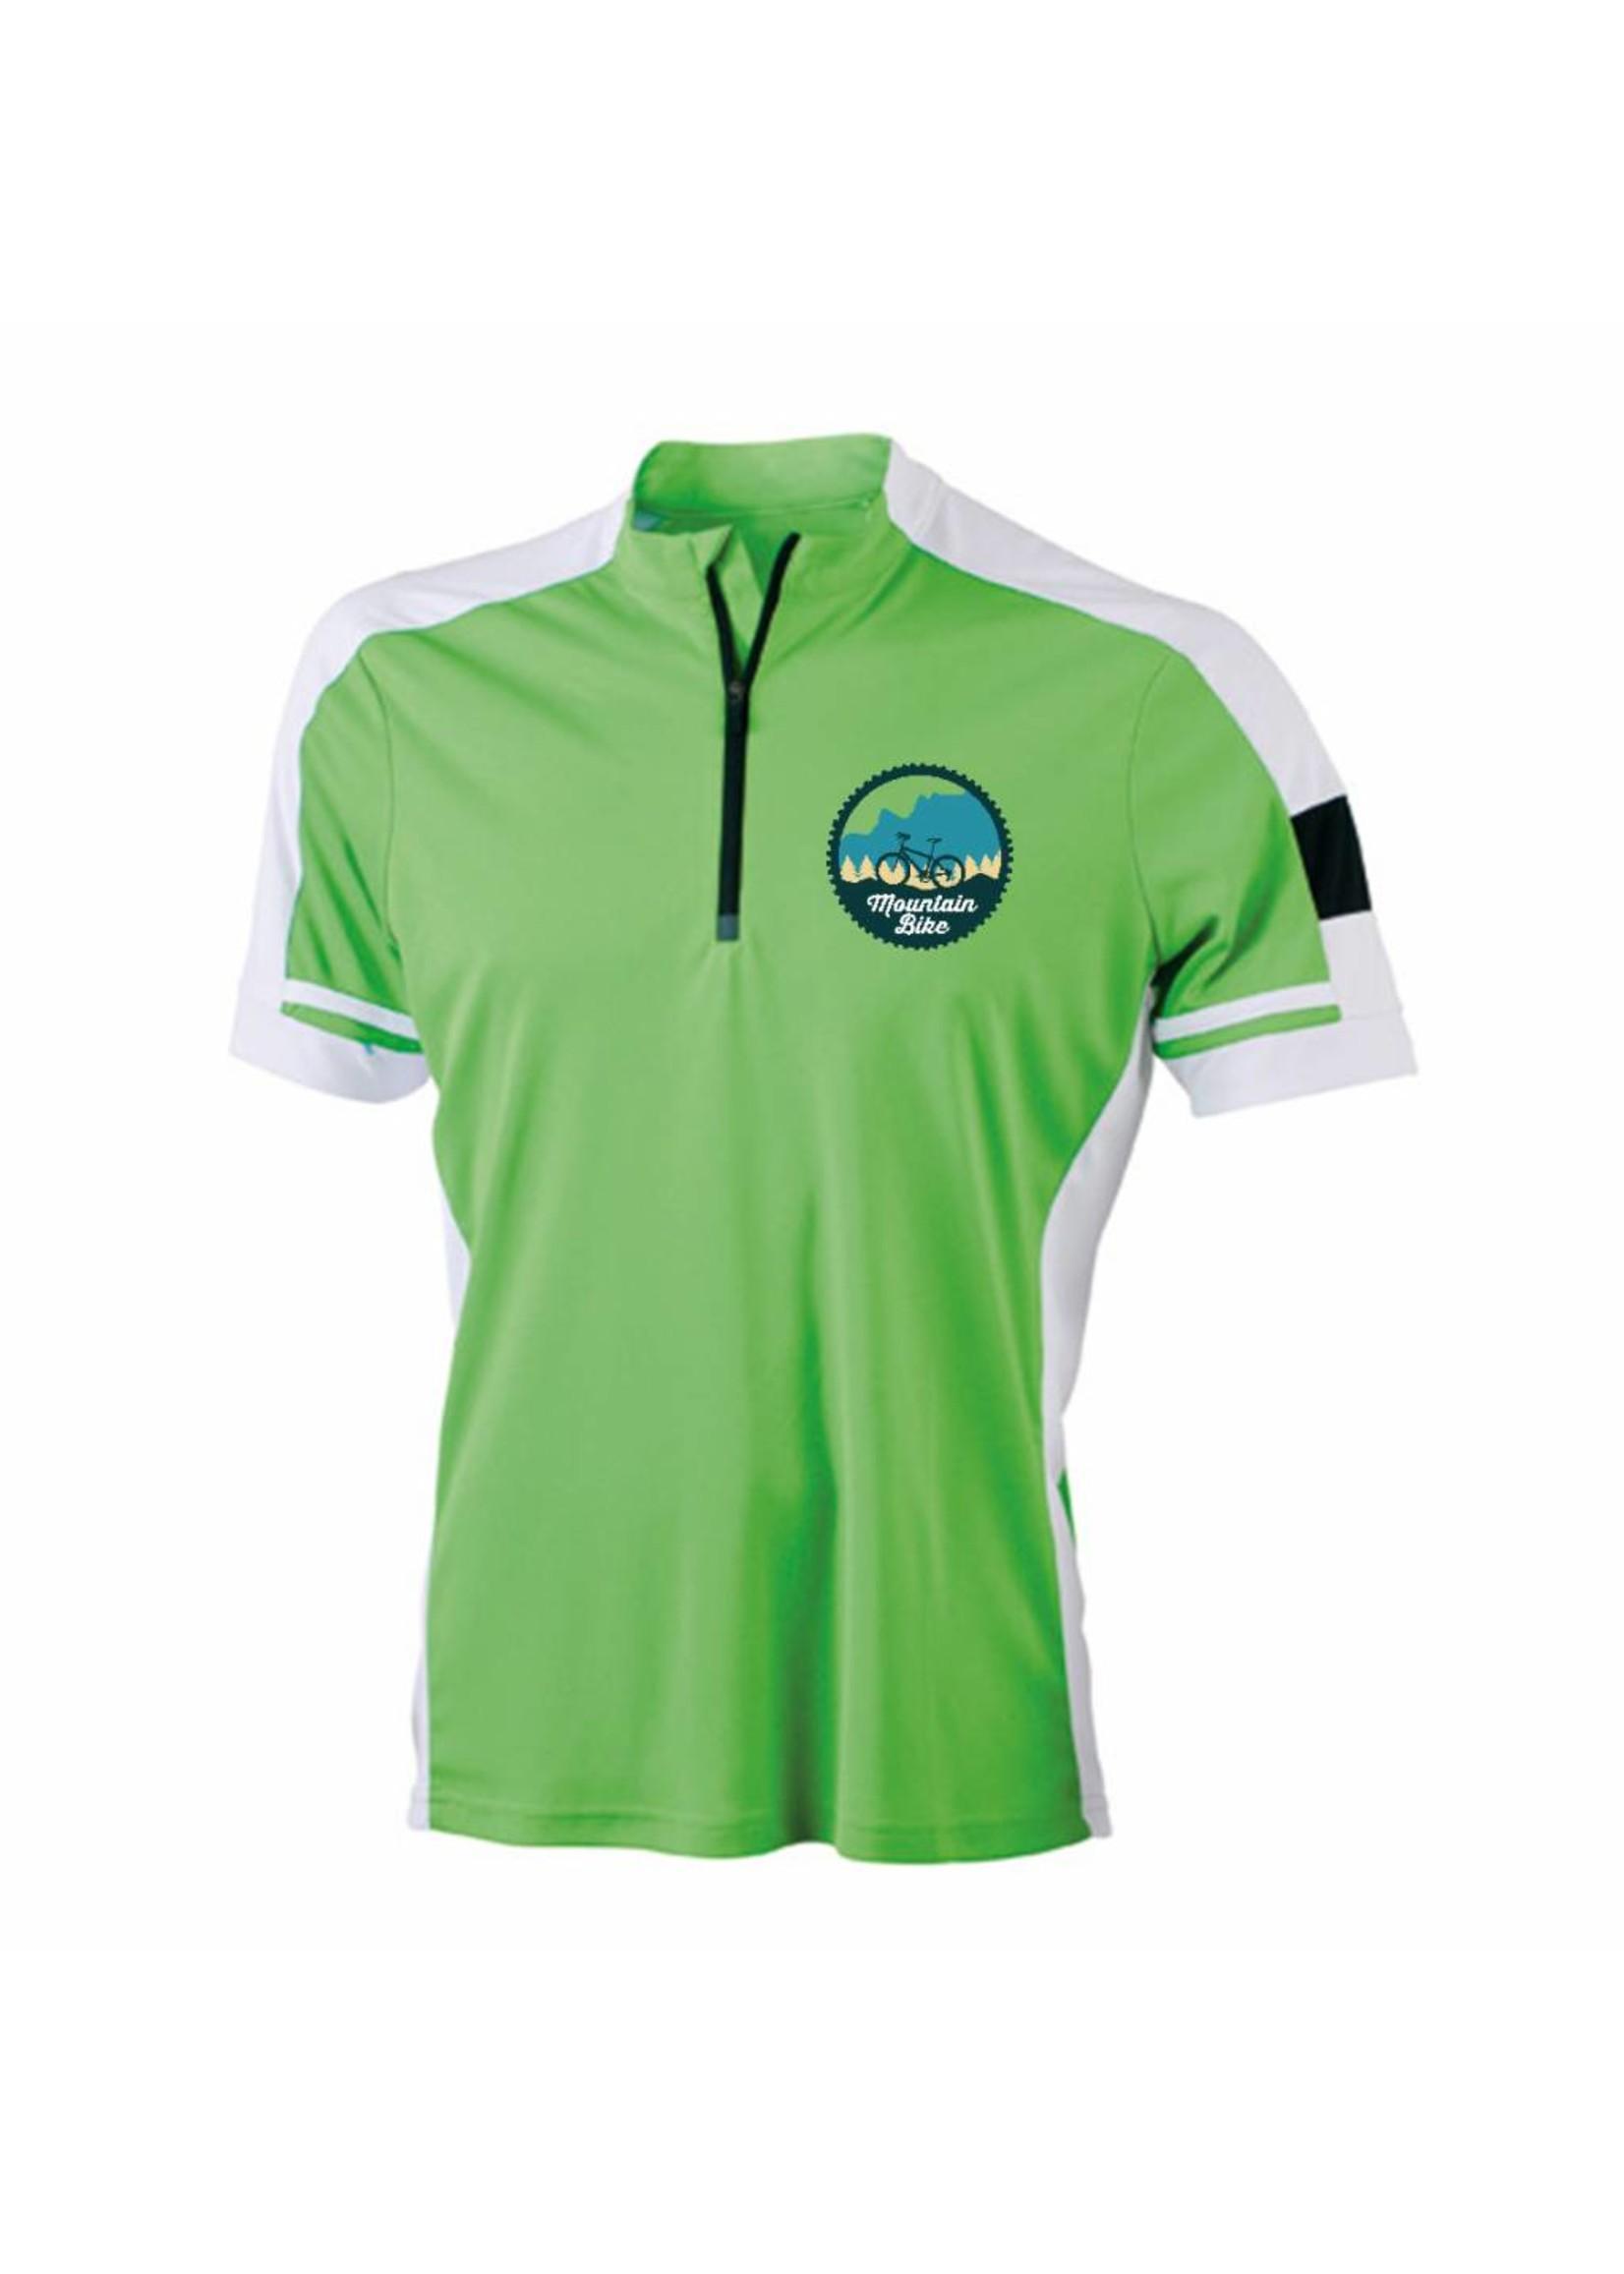 Mountain bike shirt met tekst en/of afbeelding naar wens